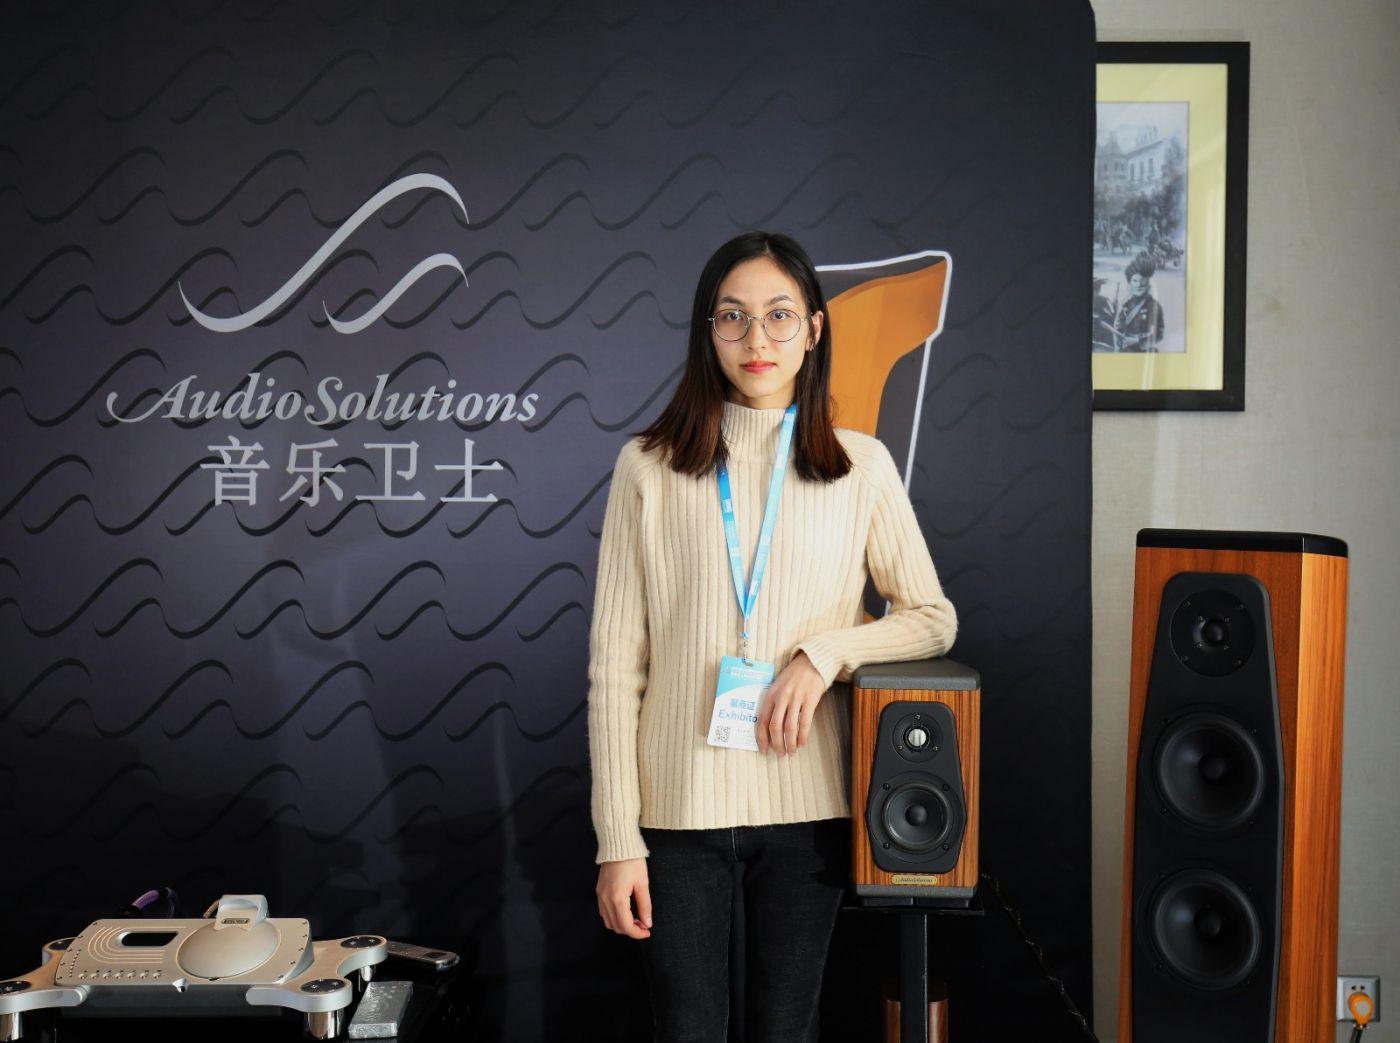 走马看花2019上海国际高级HI-FI音响展_图1-5